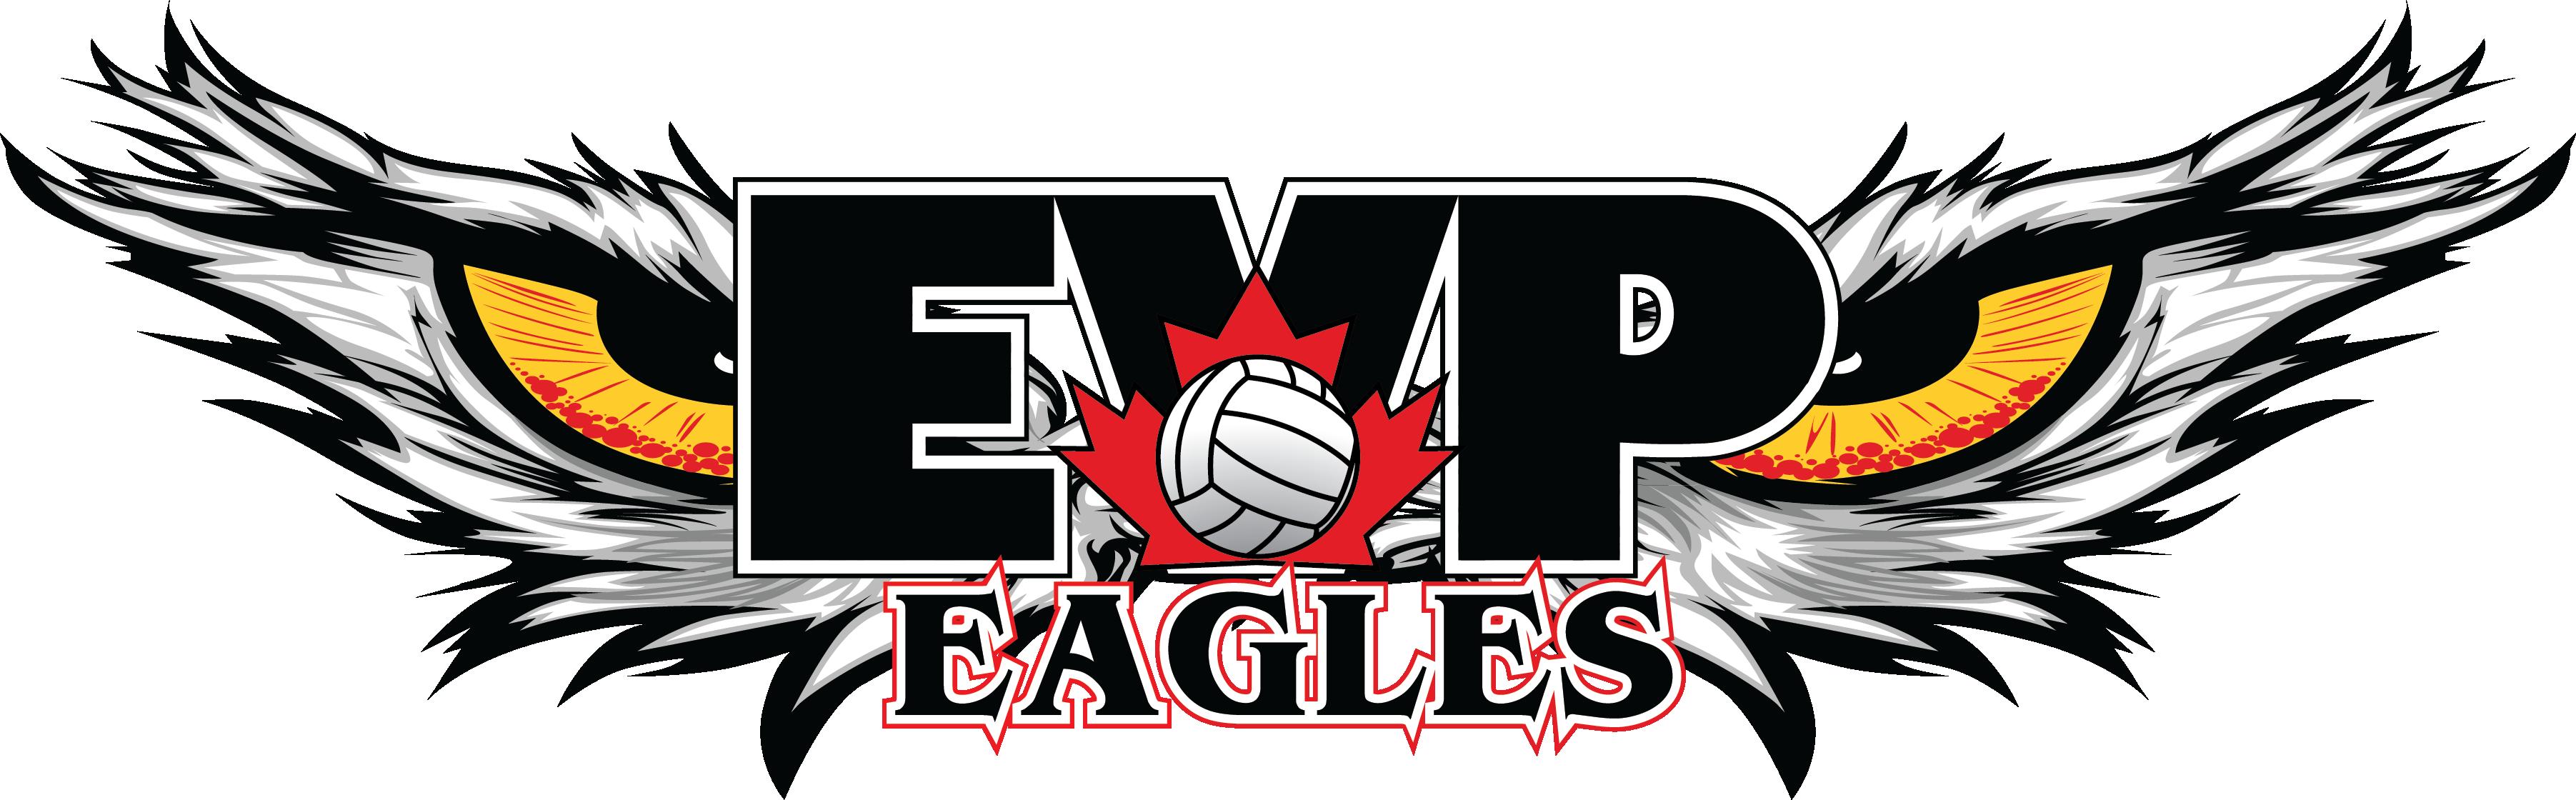 new eagles logo_full colour